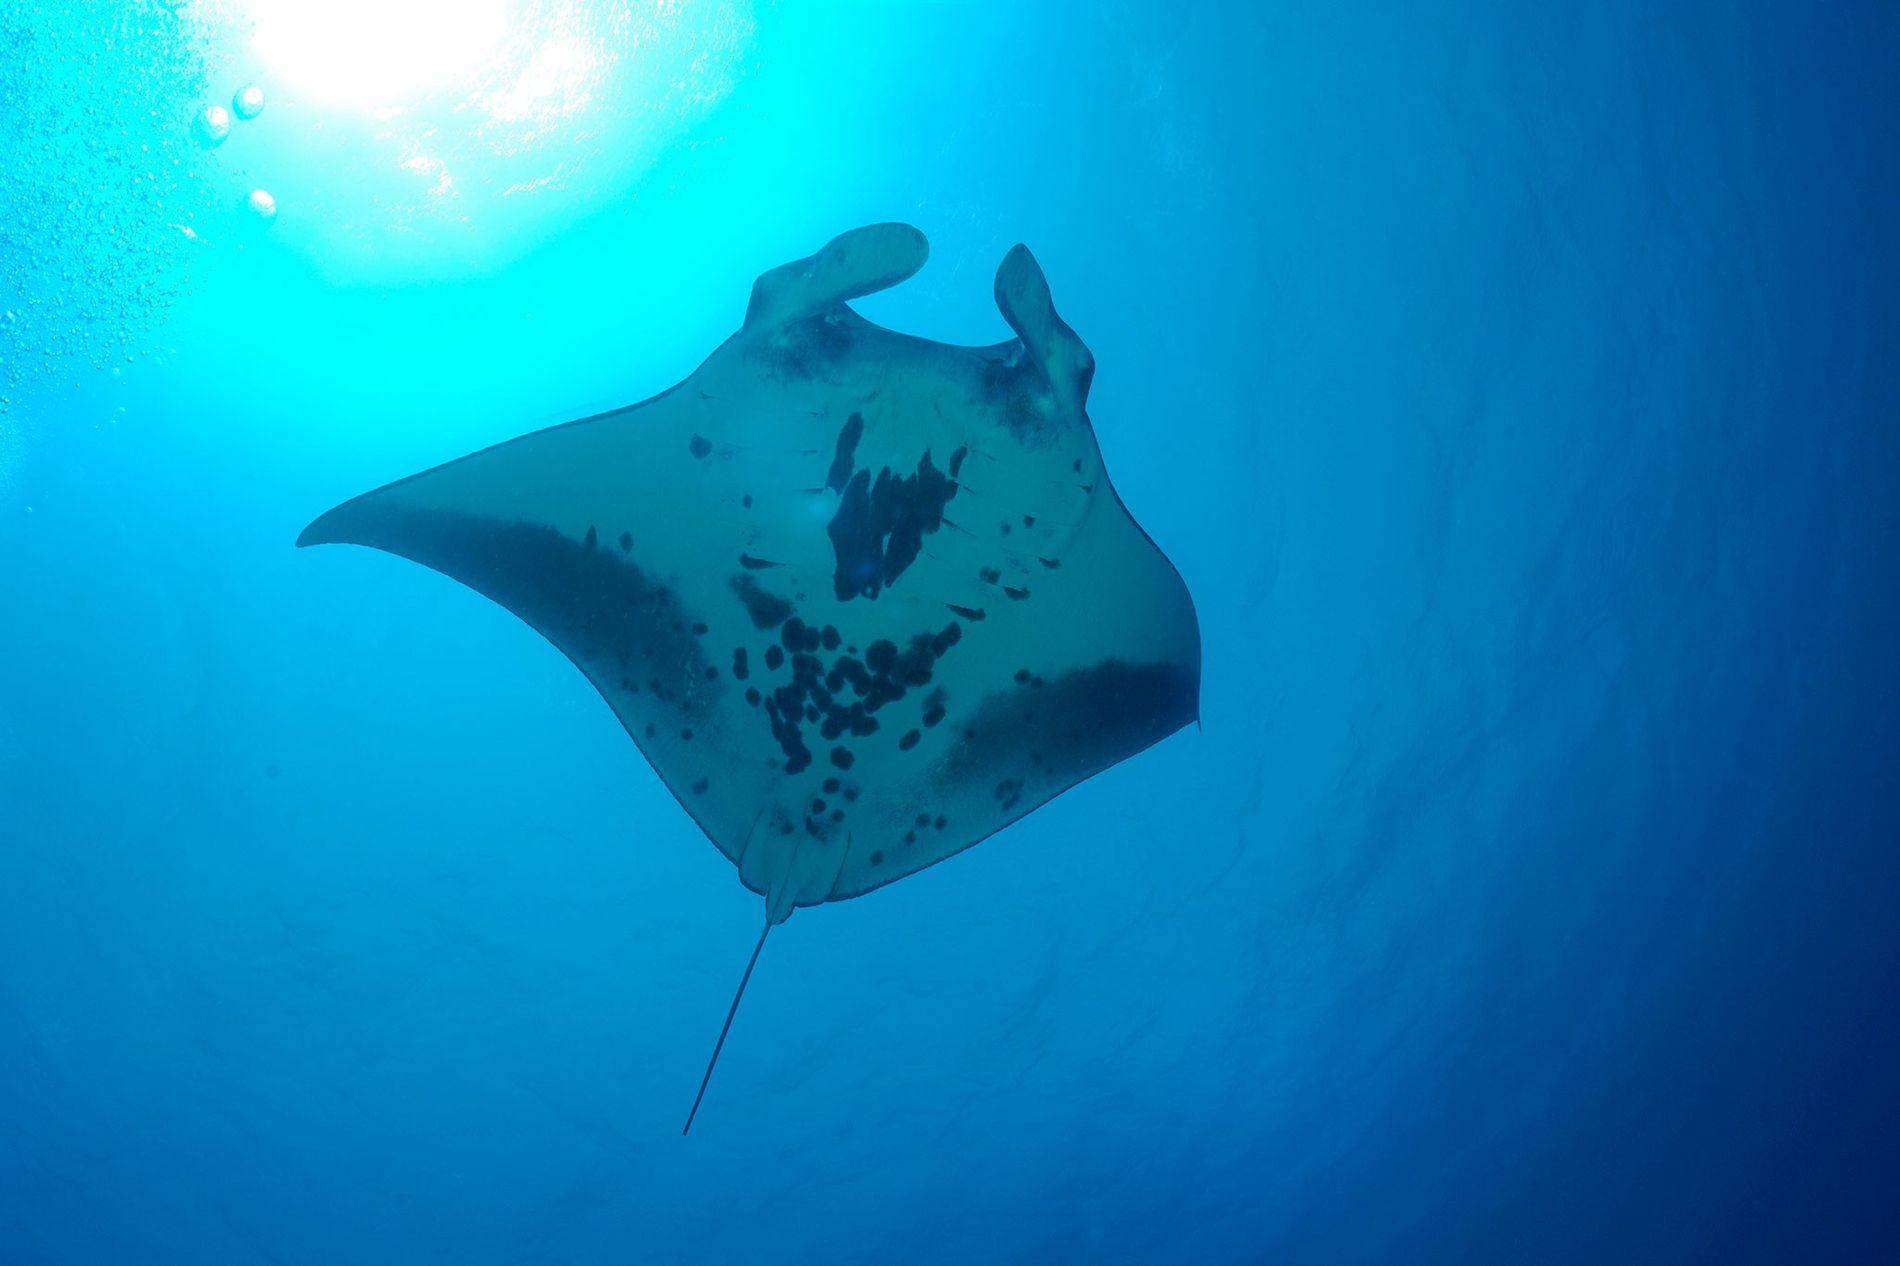 Raia-manta gigante nada no recife Kingman, em ilhas remotas do Pacífico.